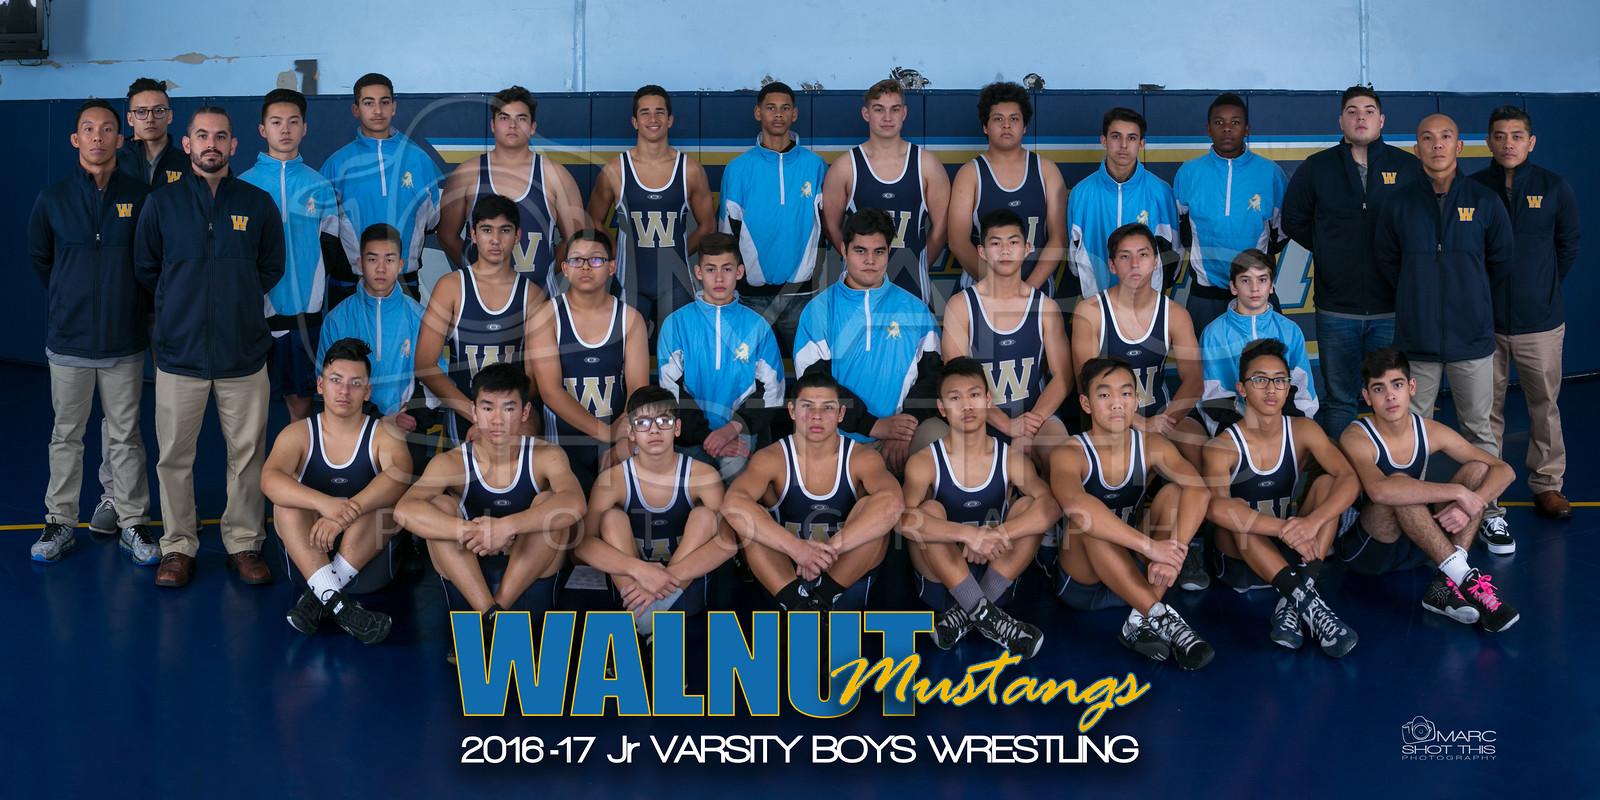 walnut boys restling team